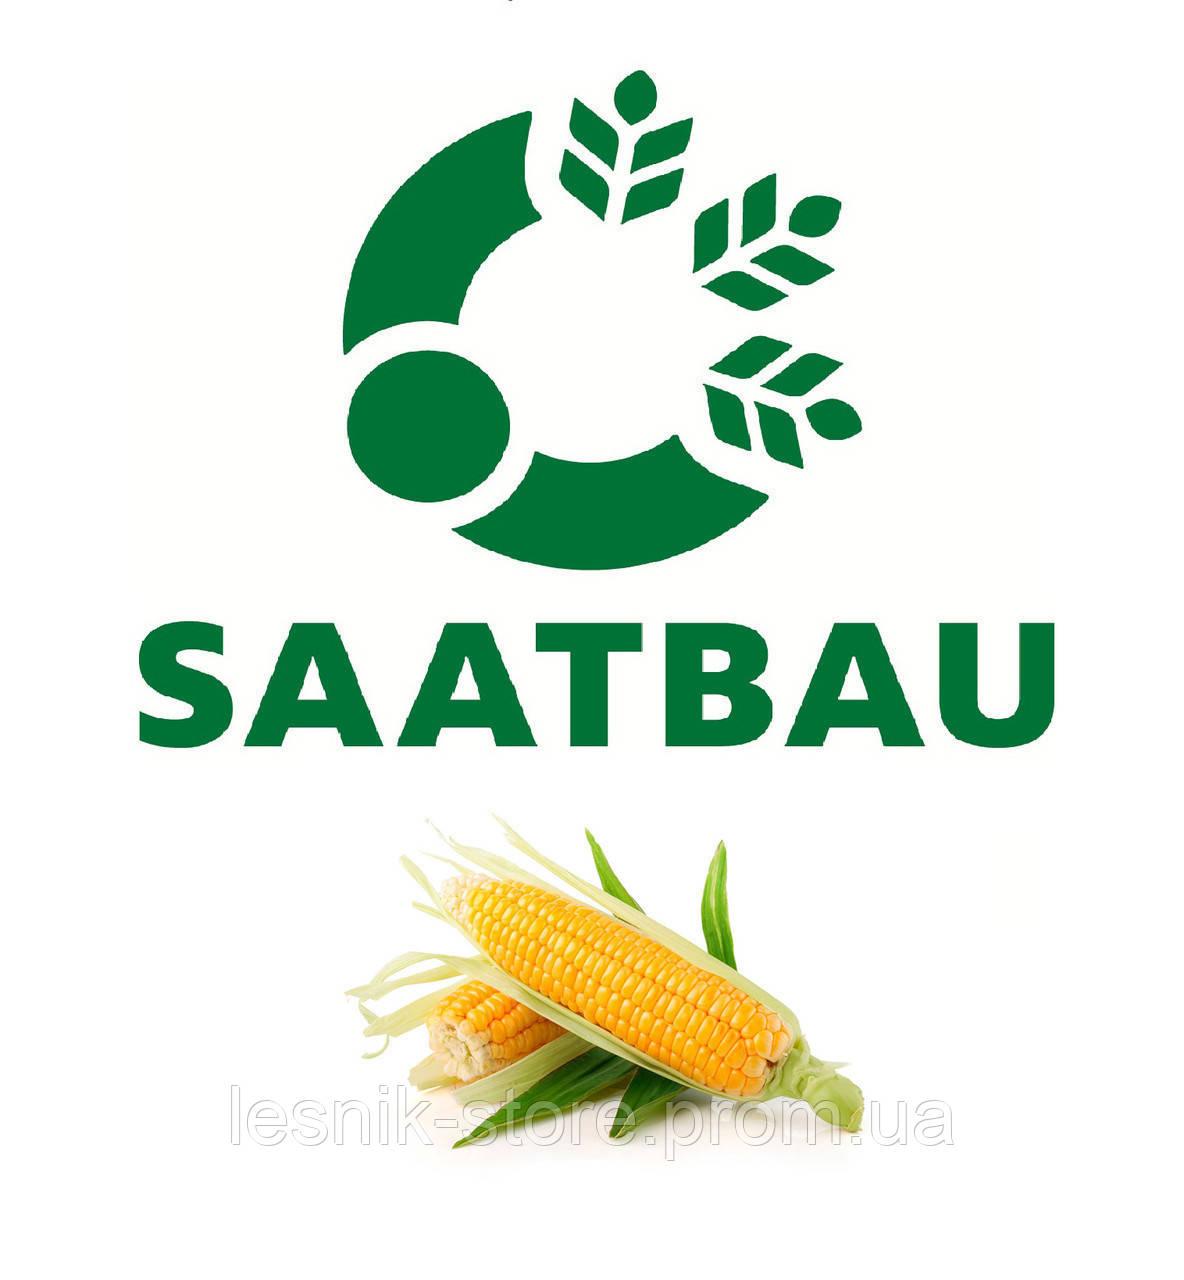 Семена кукурузы, Saatbau, Данубио